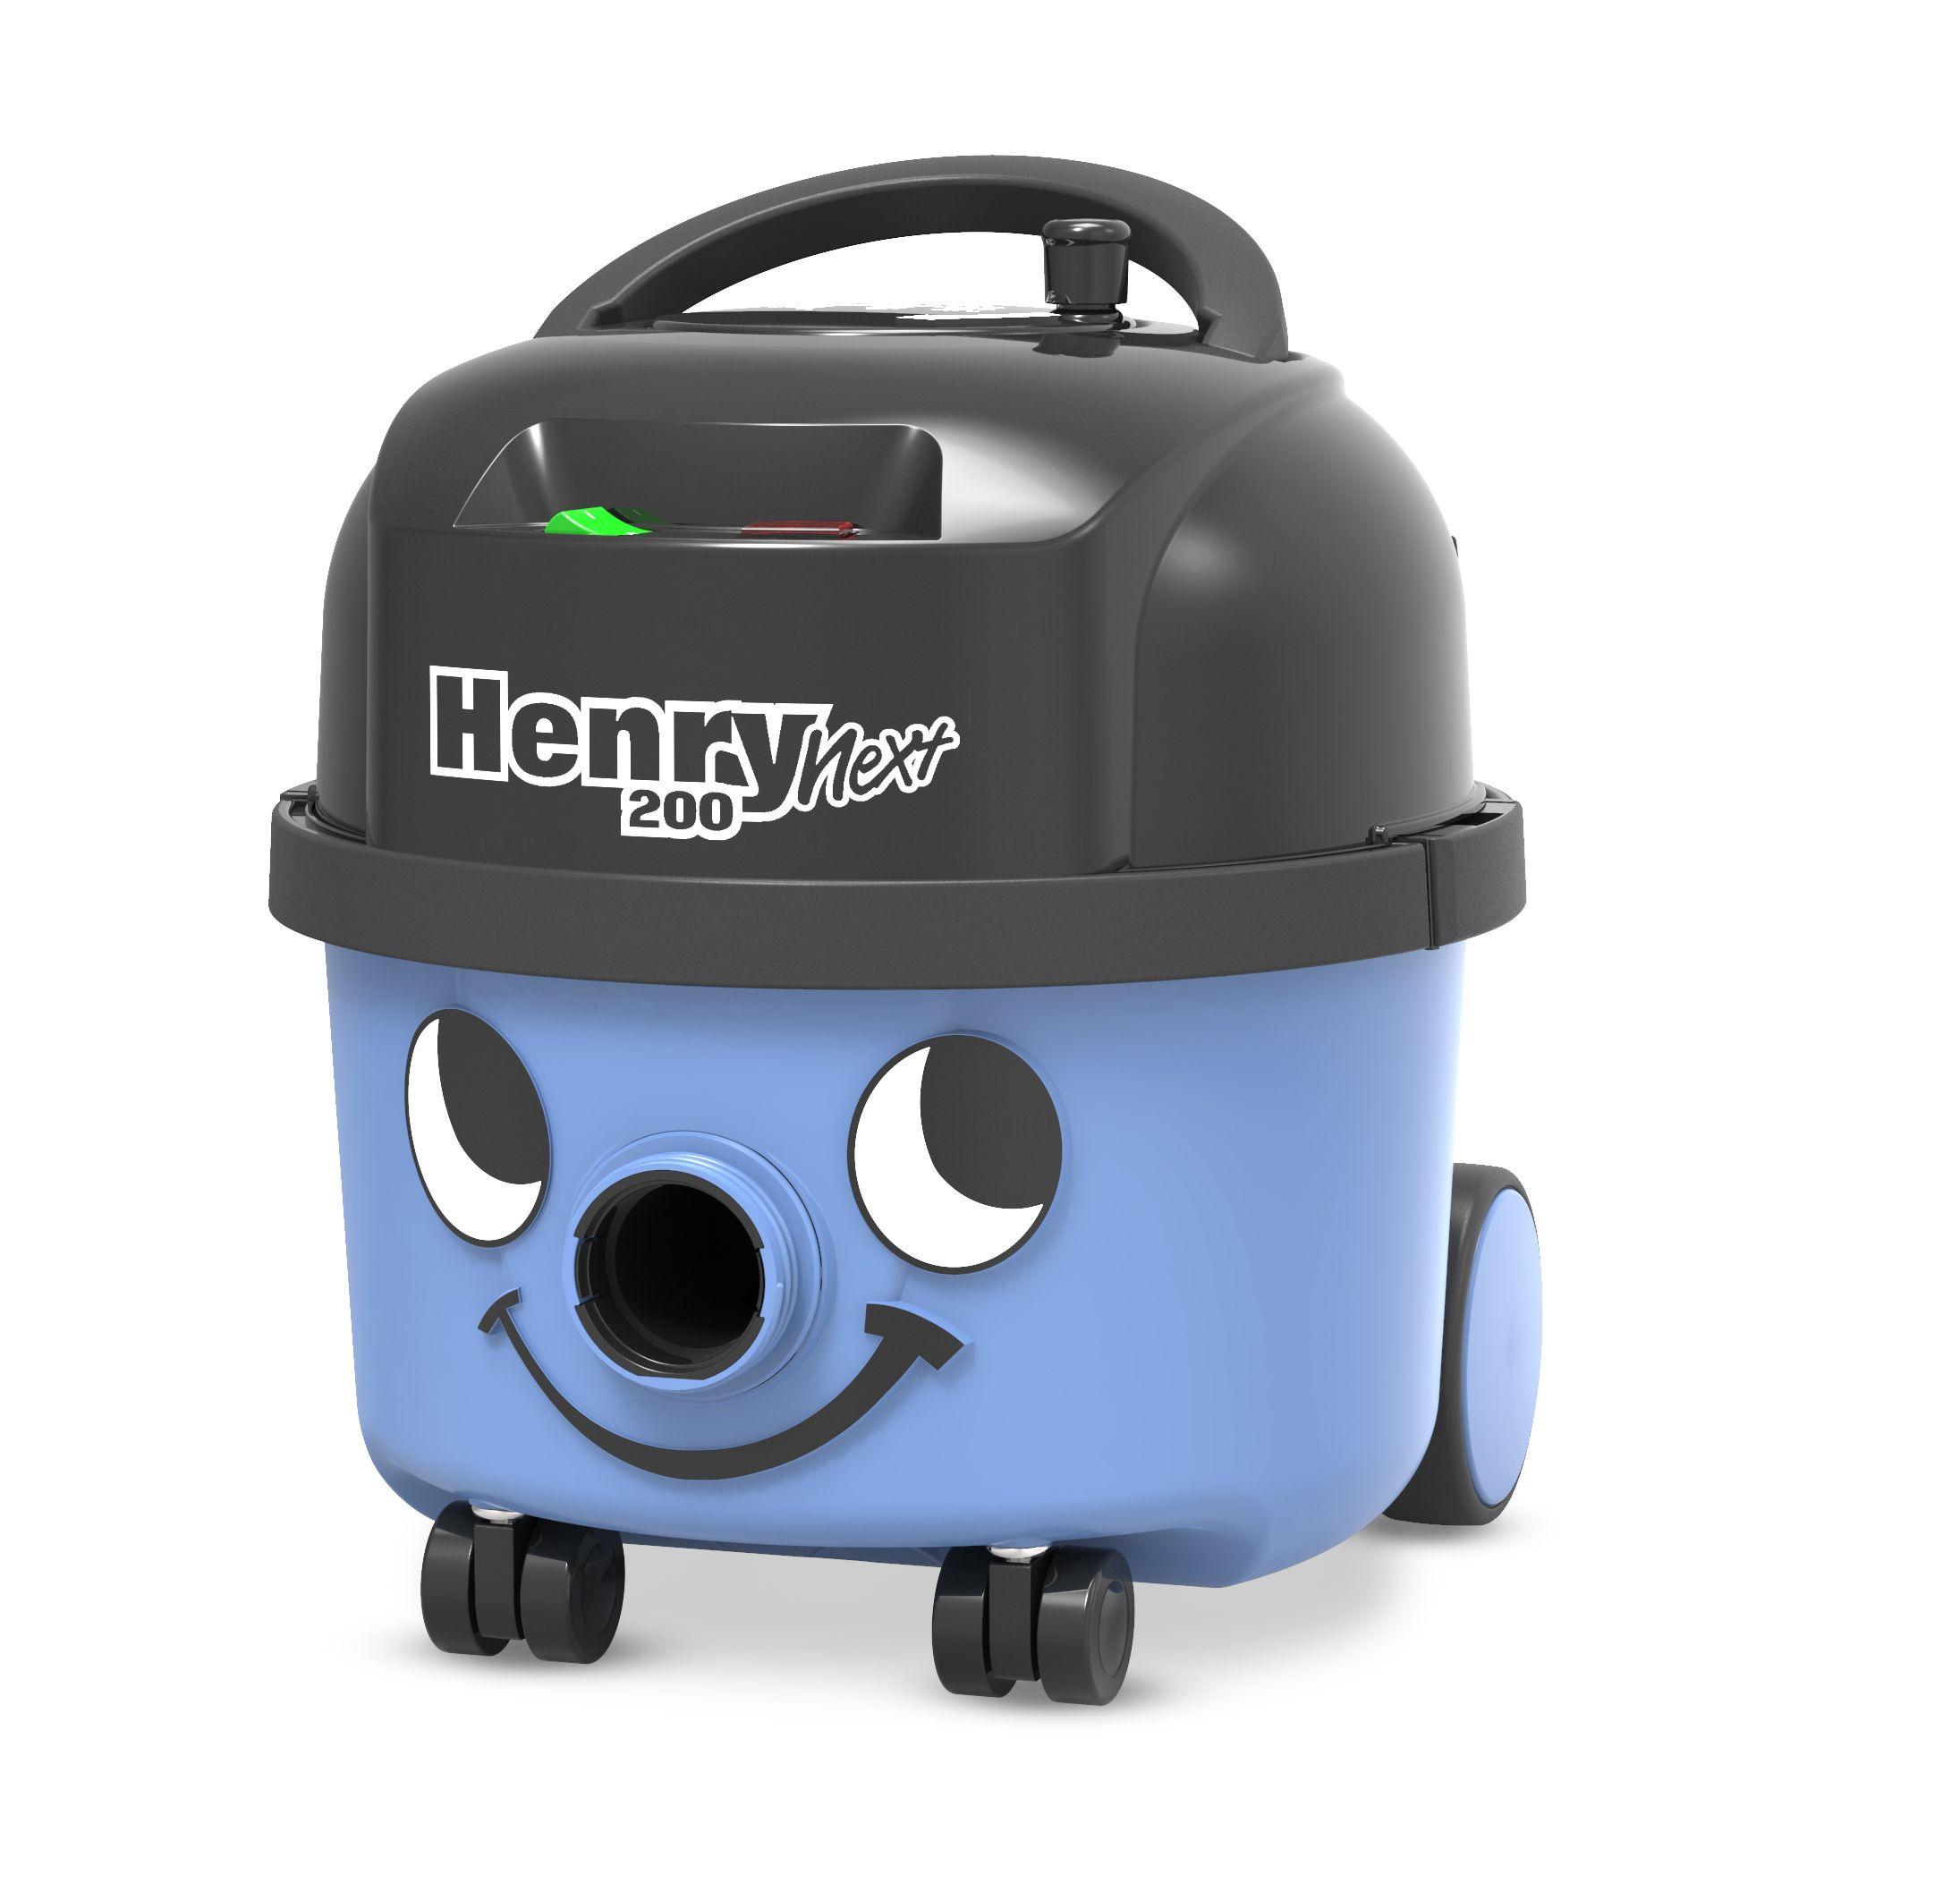 Aspirateur Henry Next HVN201-11 bleu avec kit AST1